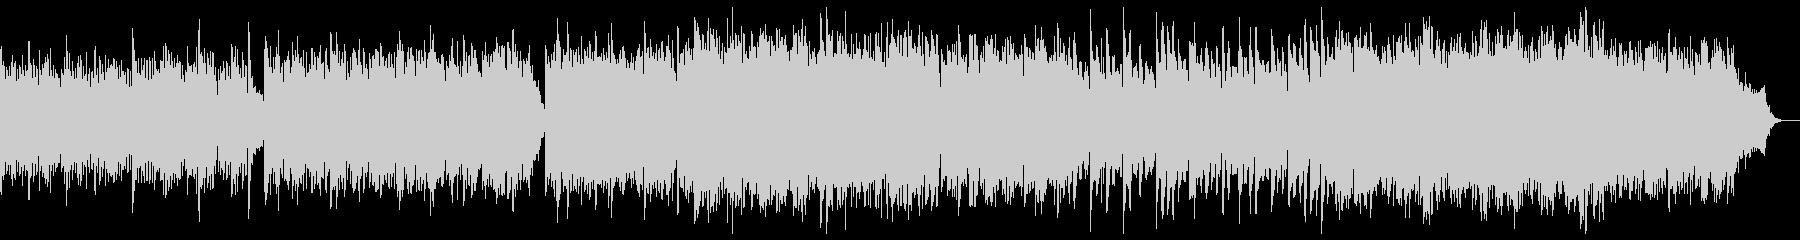 バイエル風から讃美歌風に発展するピアノの未再生の波形